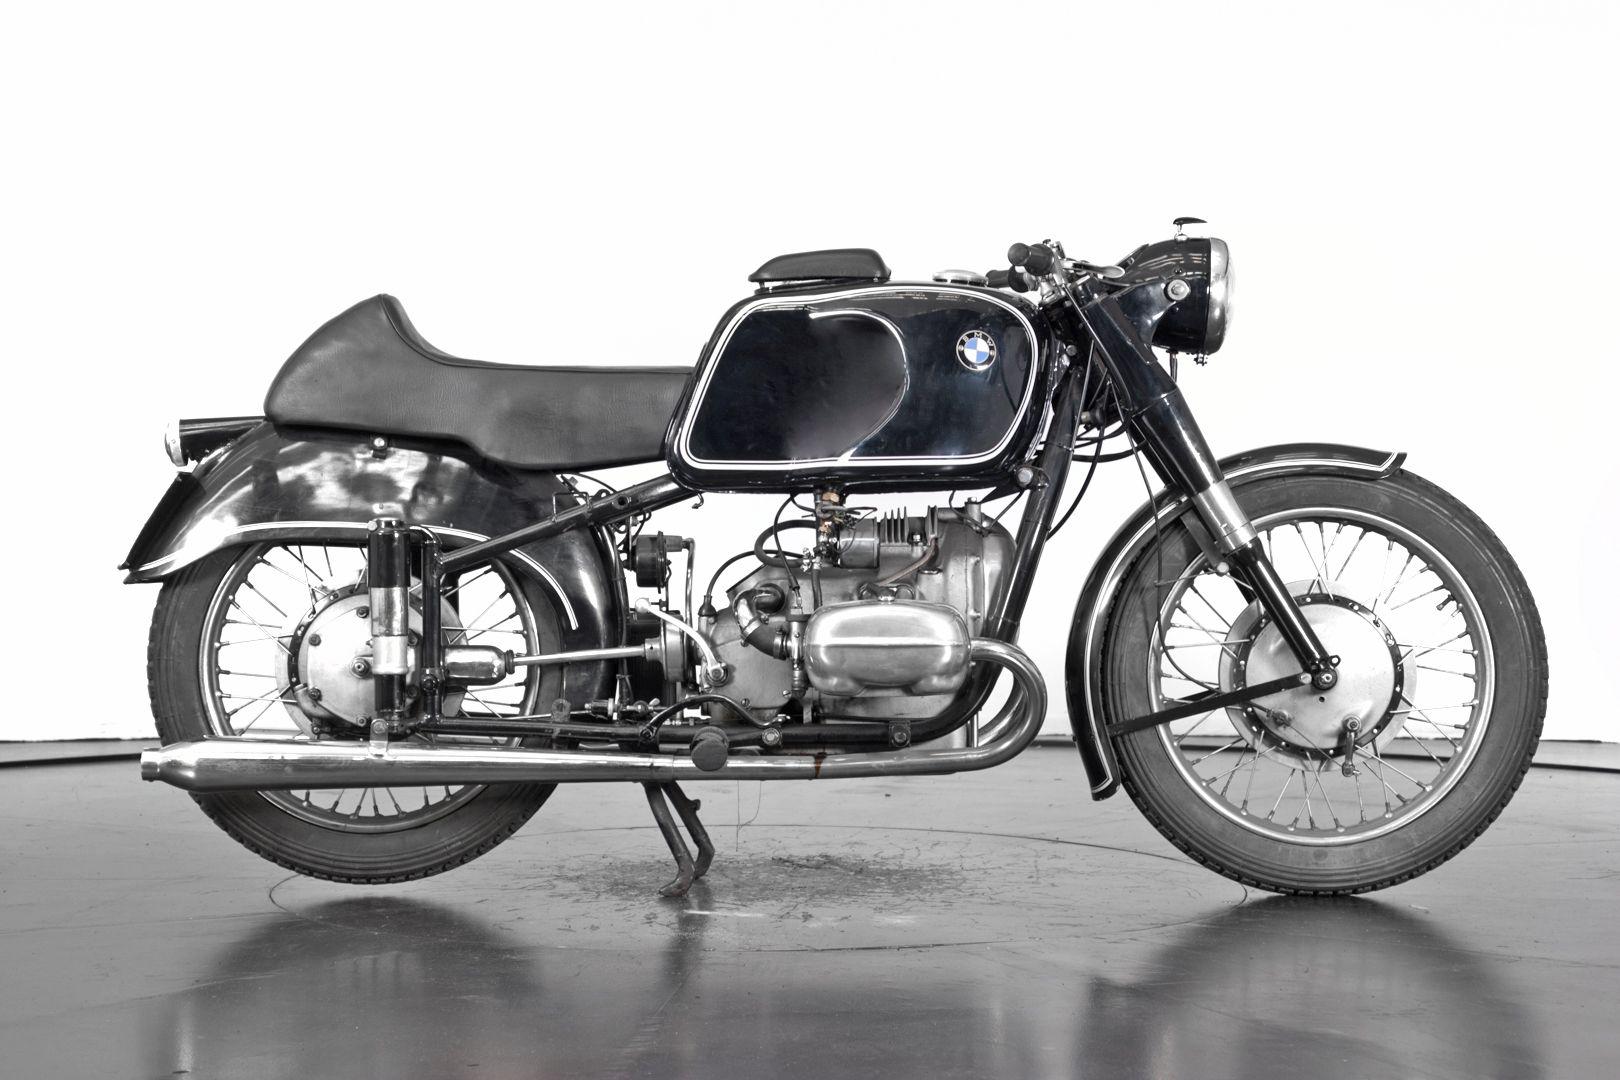 1946 Bmw 500 R 51 41278